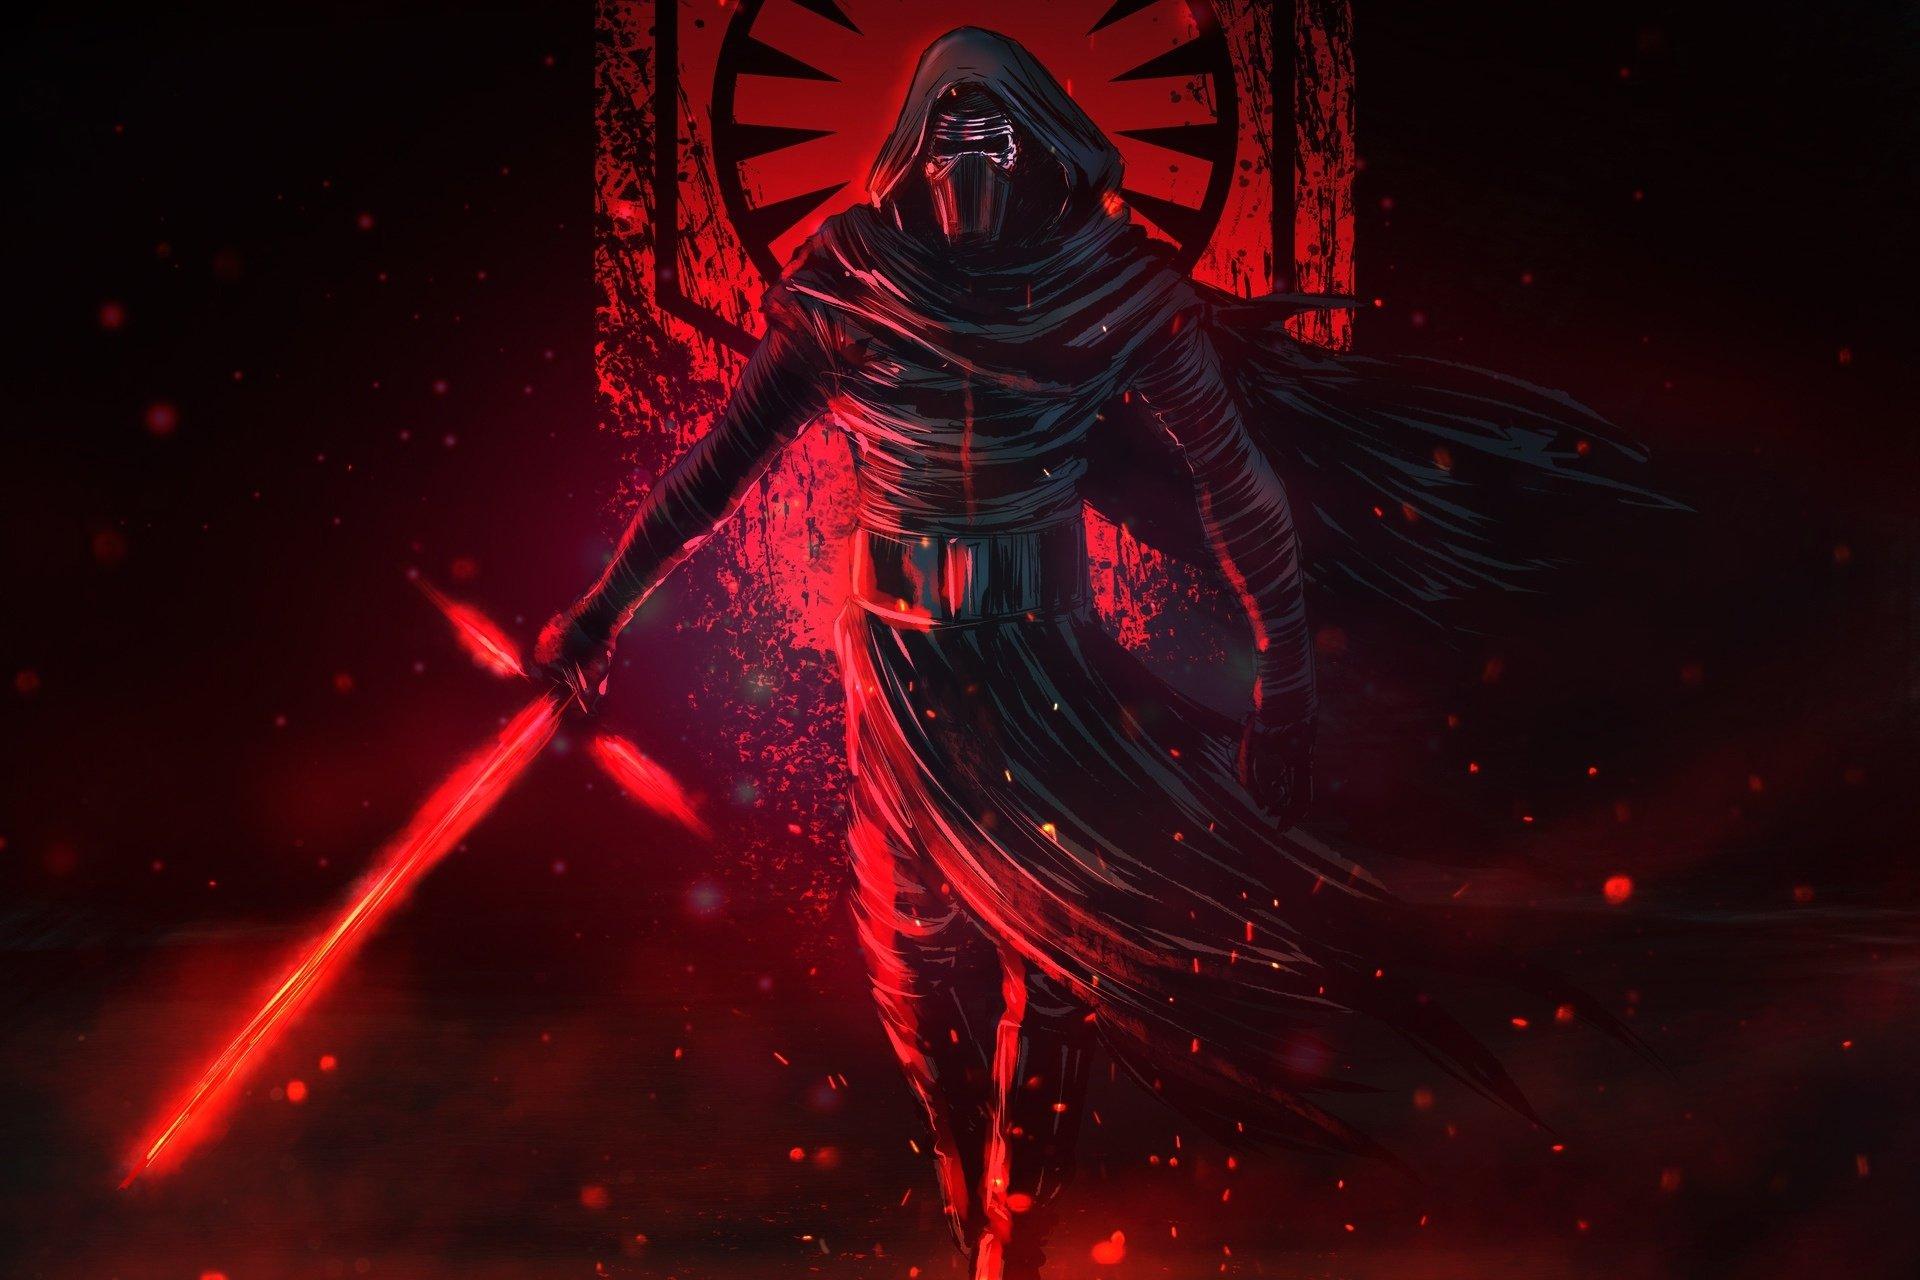 Star Wars Fond D Ecran Nawpic